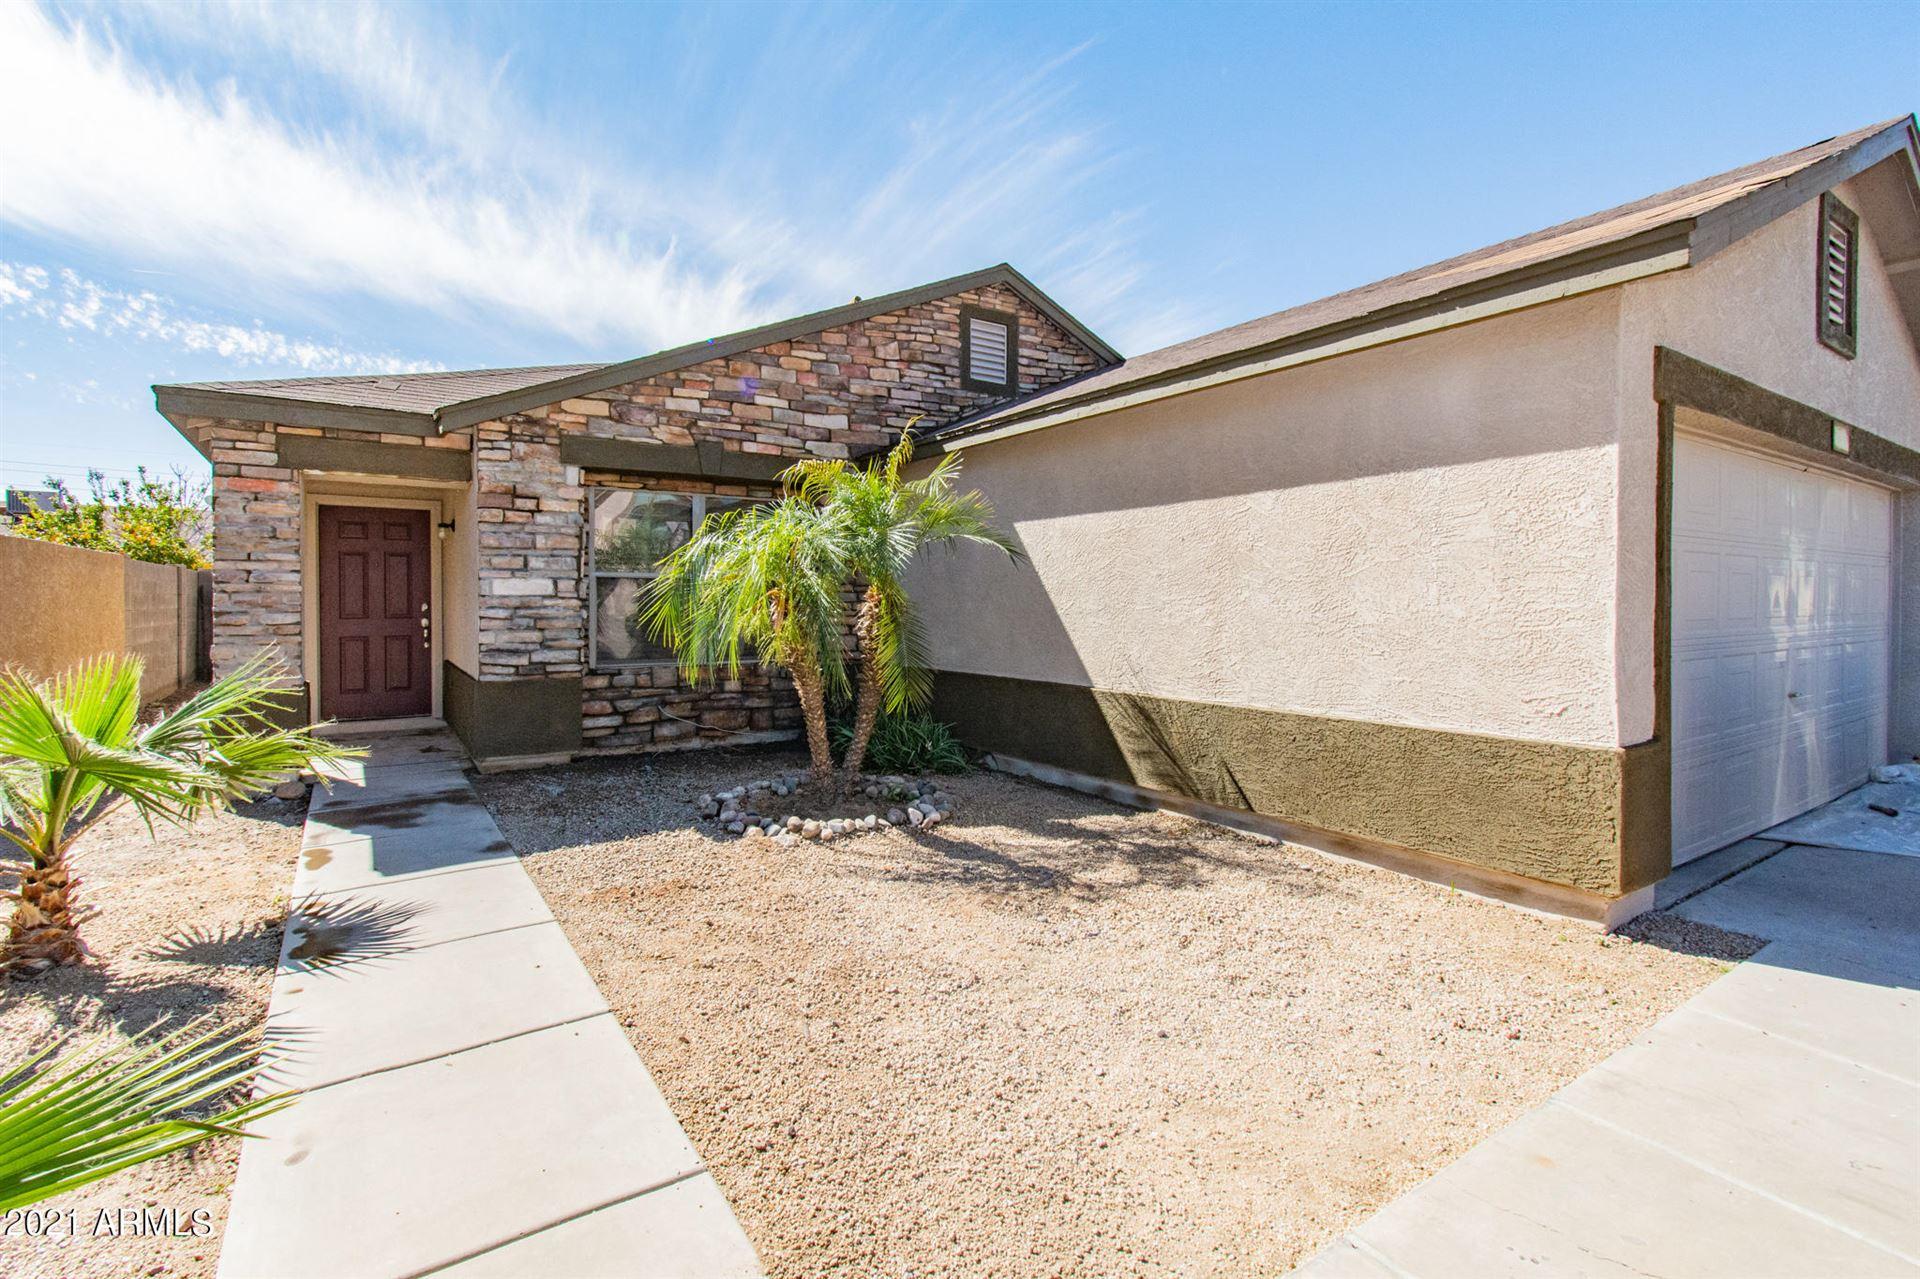 Photo of 11617 W CHARTER OAK Road, El Mirage, AZ 85335 (MLS # 6200123)